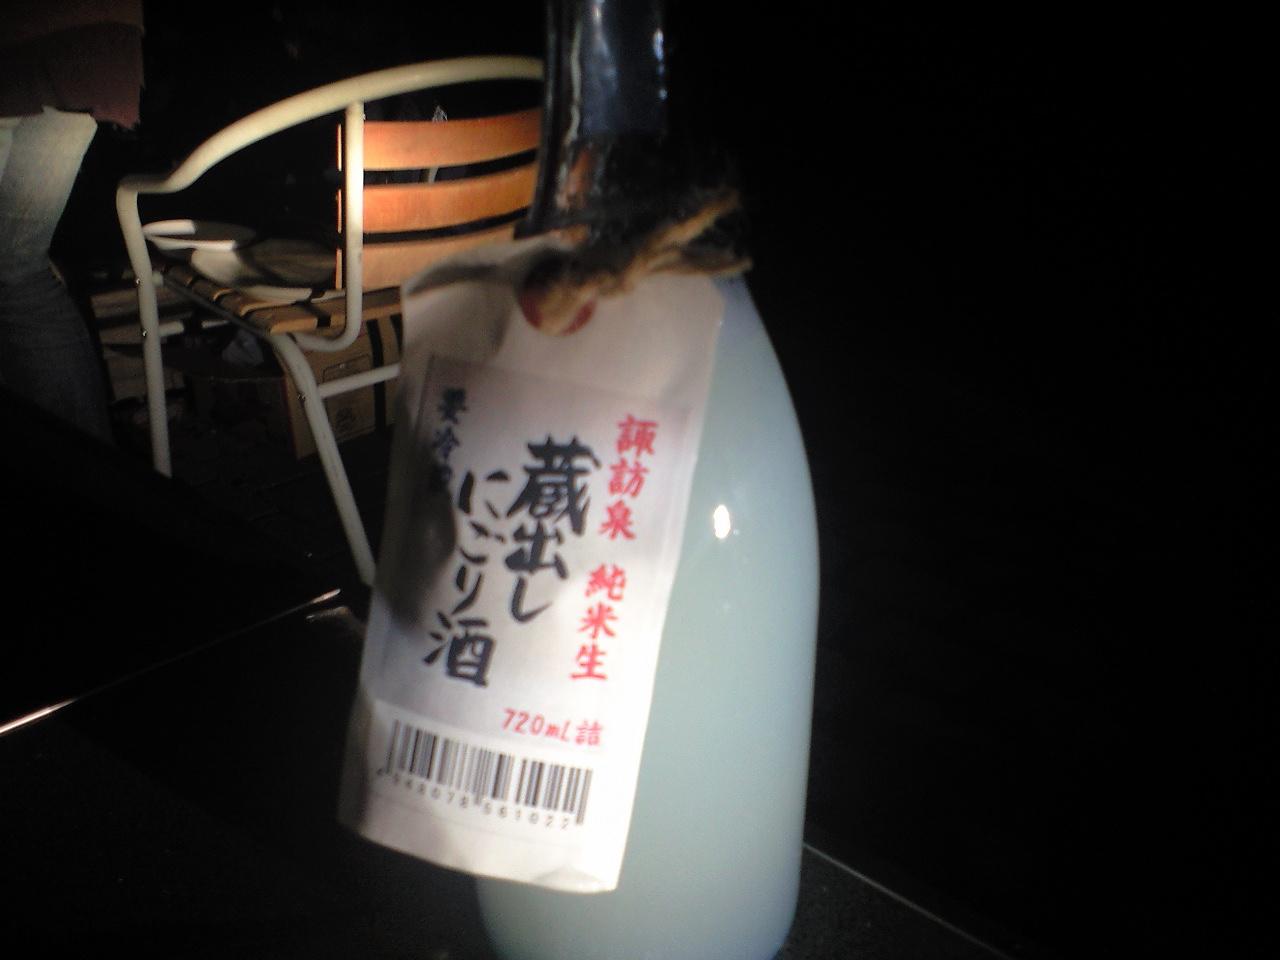 諏訪泉純米生 蔵出しにごり酒